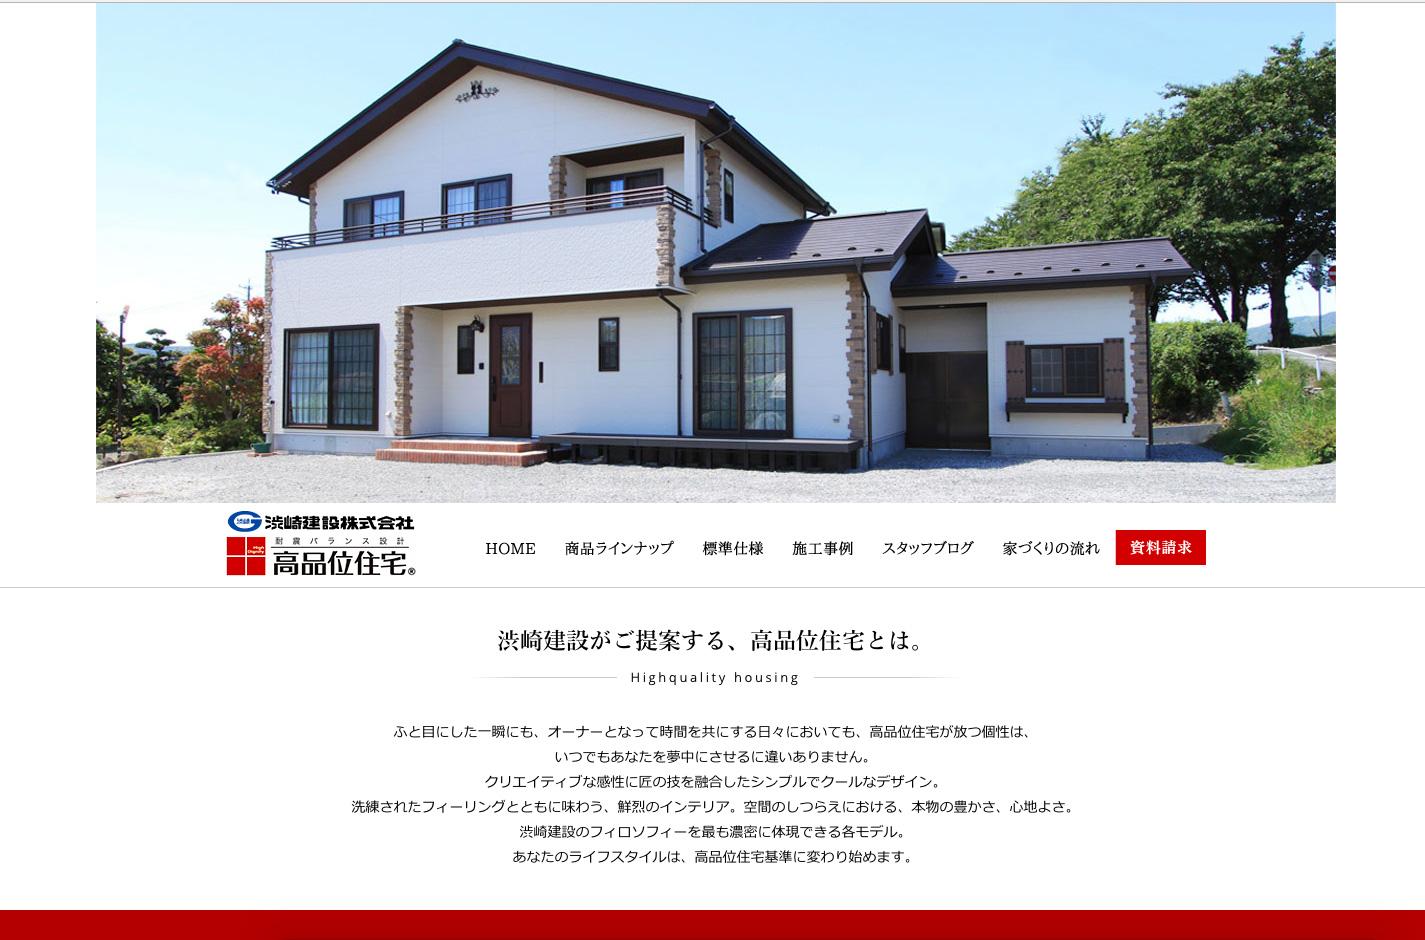 高品位住宅のホームページできました。